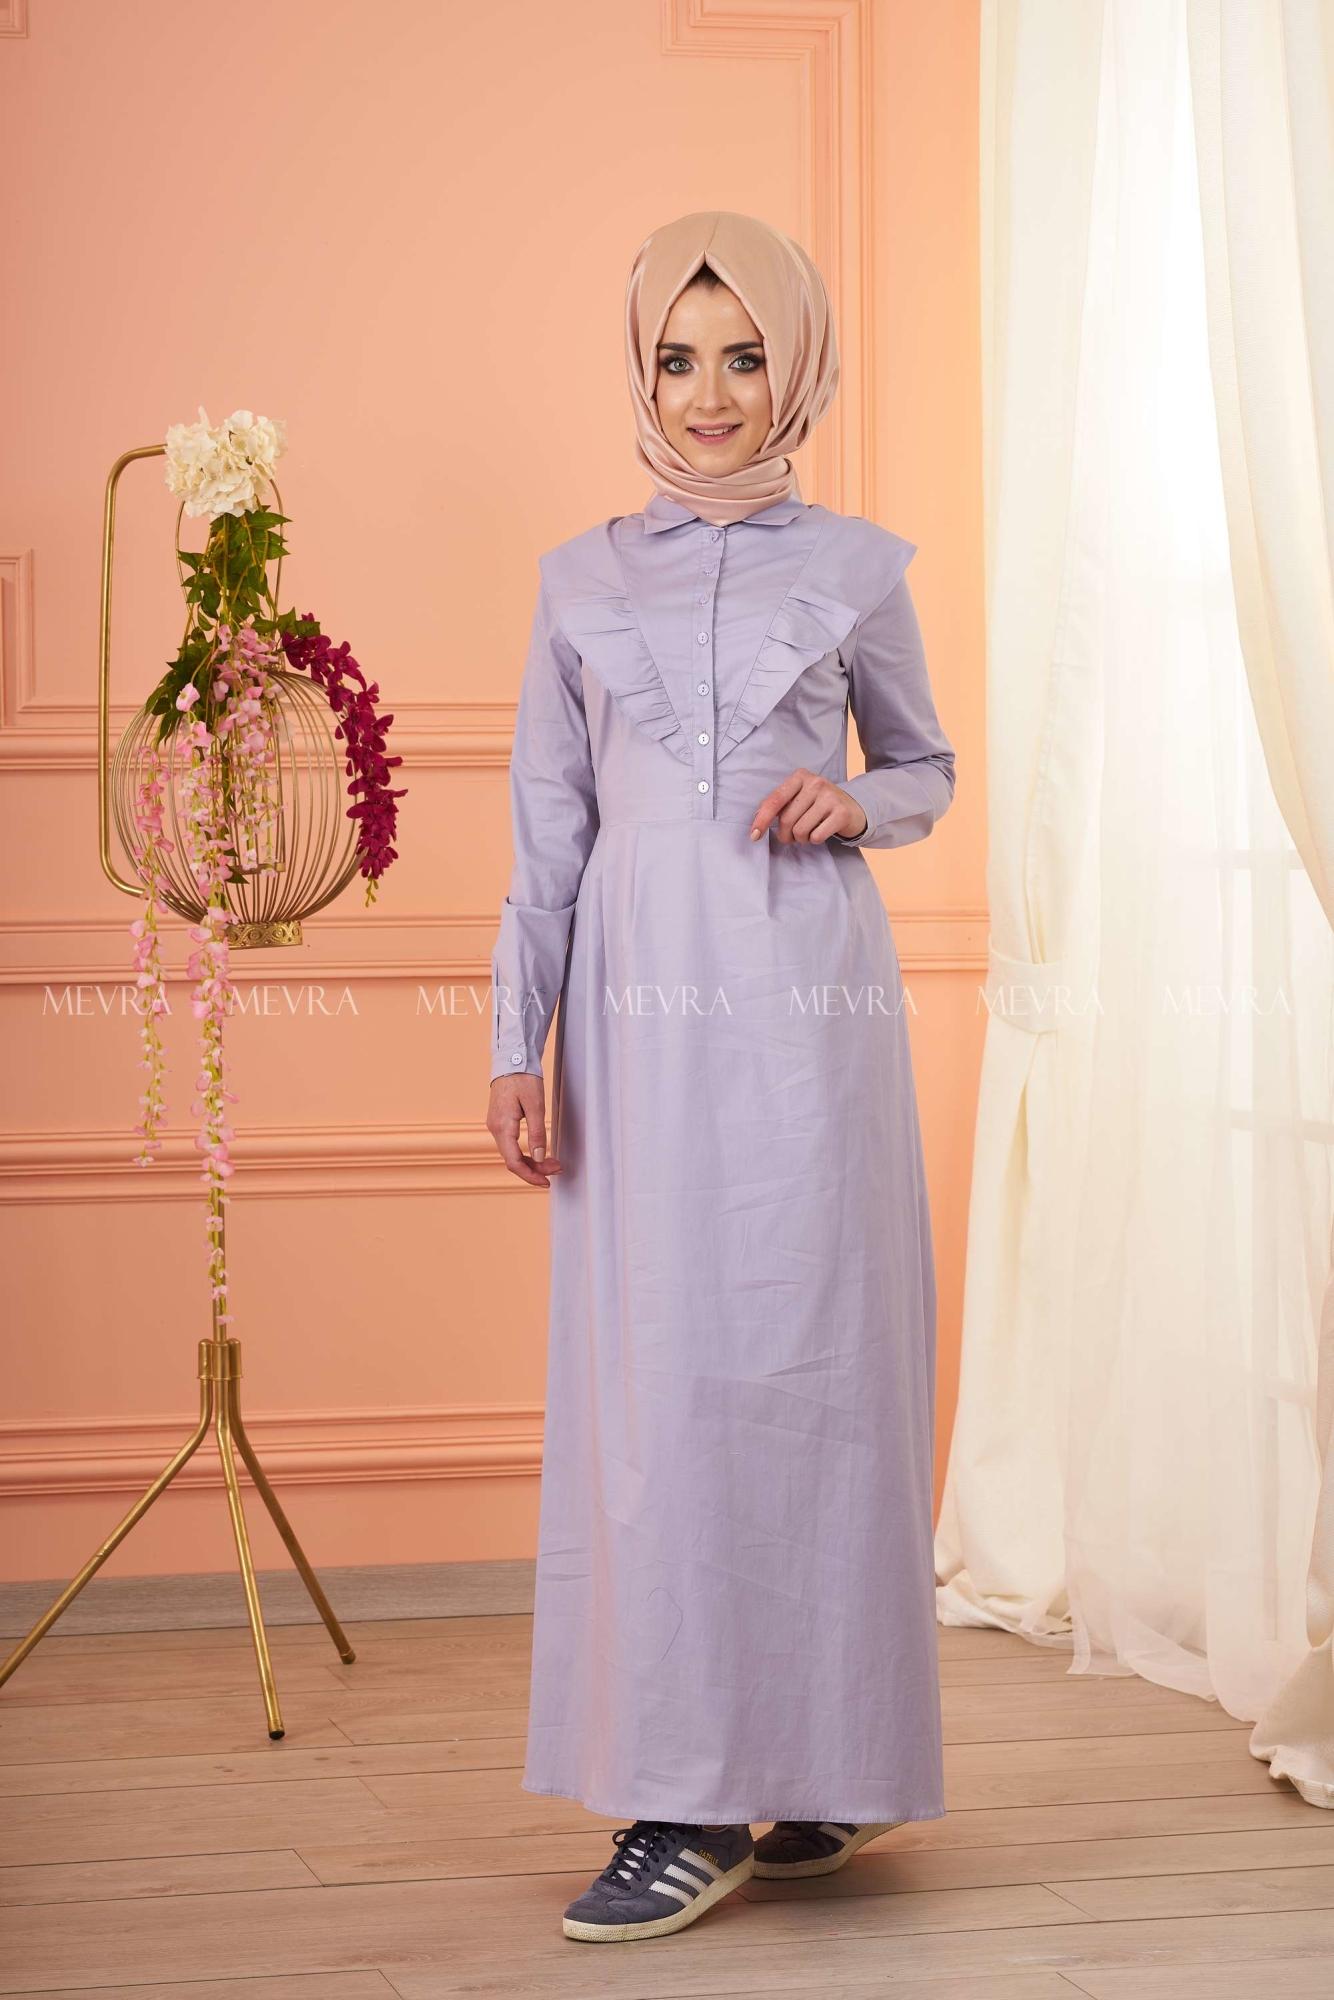 e54e903672450 Elbise rahatlığını yazın da yaşamak ve tarzınızı her alanda yaşatmak  istiyorsanız www.mevra.com.tr adresini ziyaret edebilirsiniz. Kendinize en  uygun ...